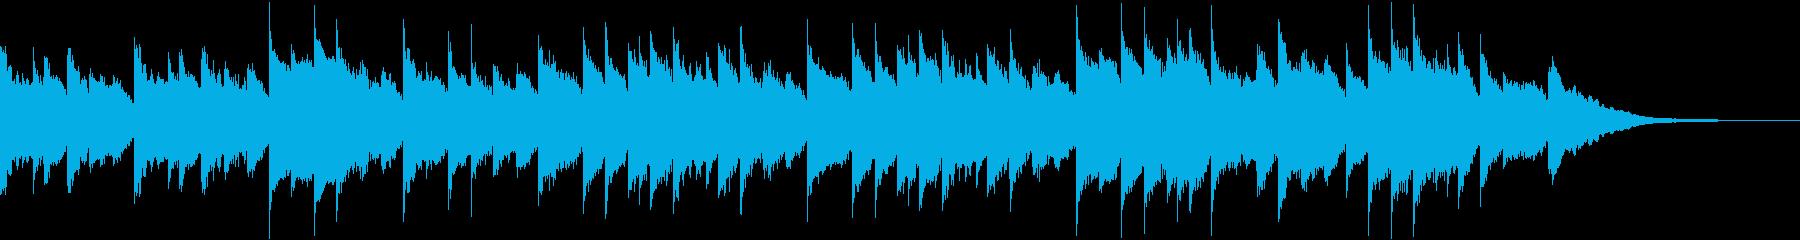 クリスマス 木琴 ハープ マリンバ...の再生済みの波形